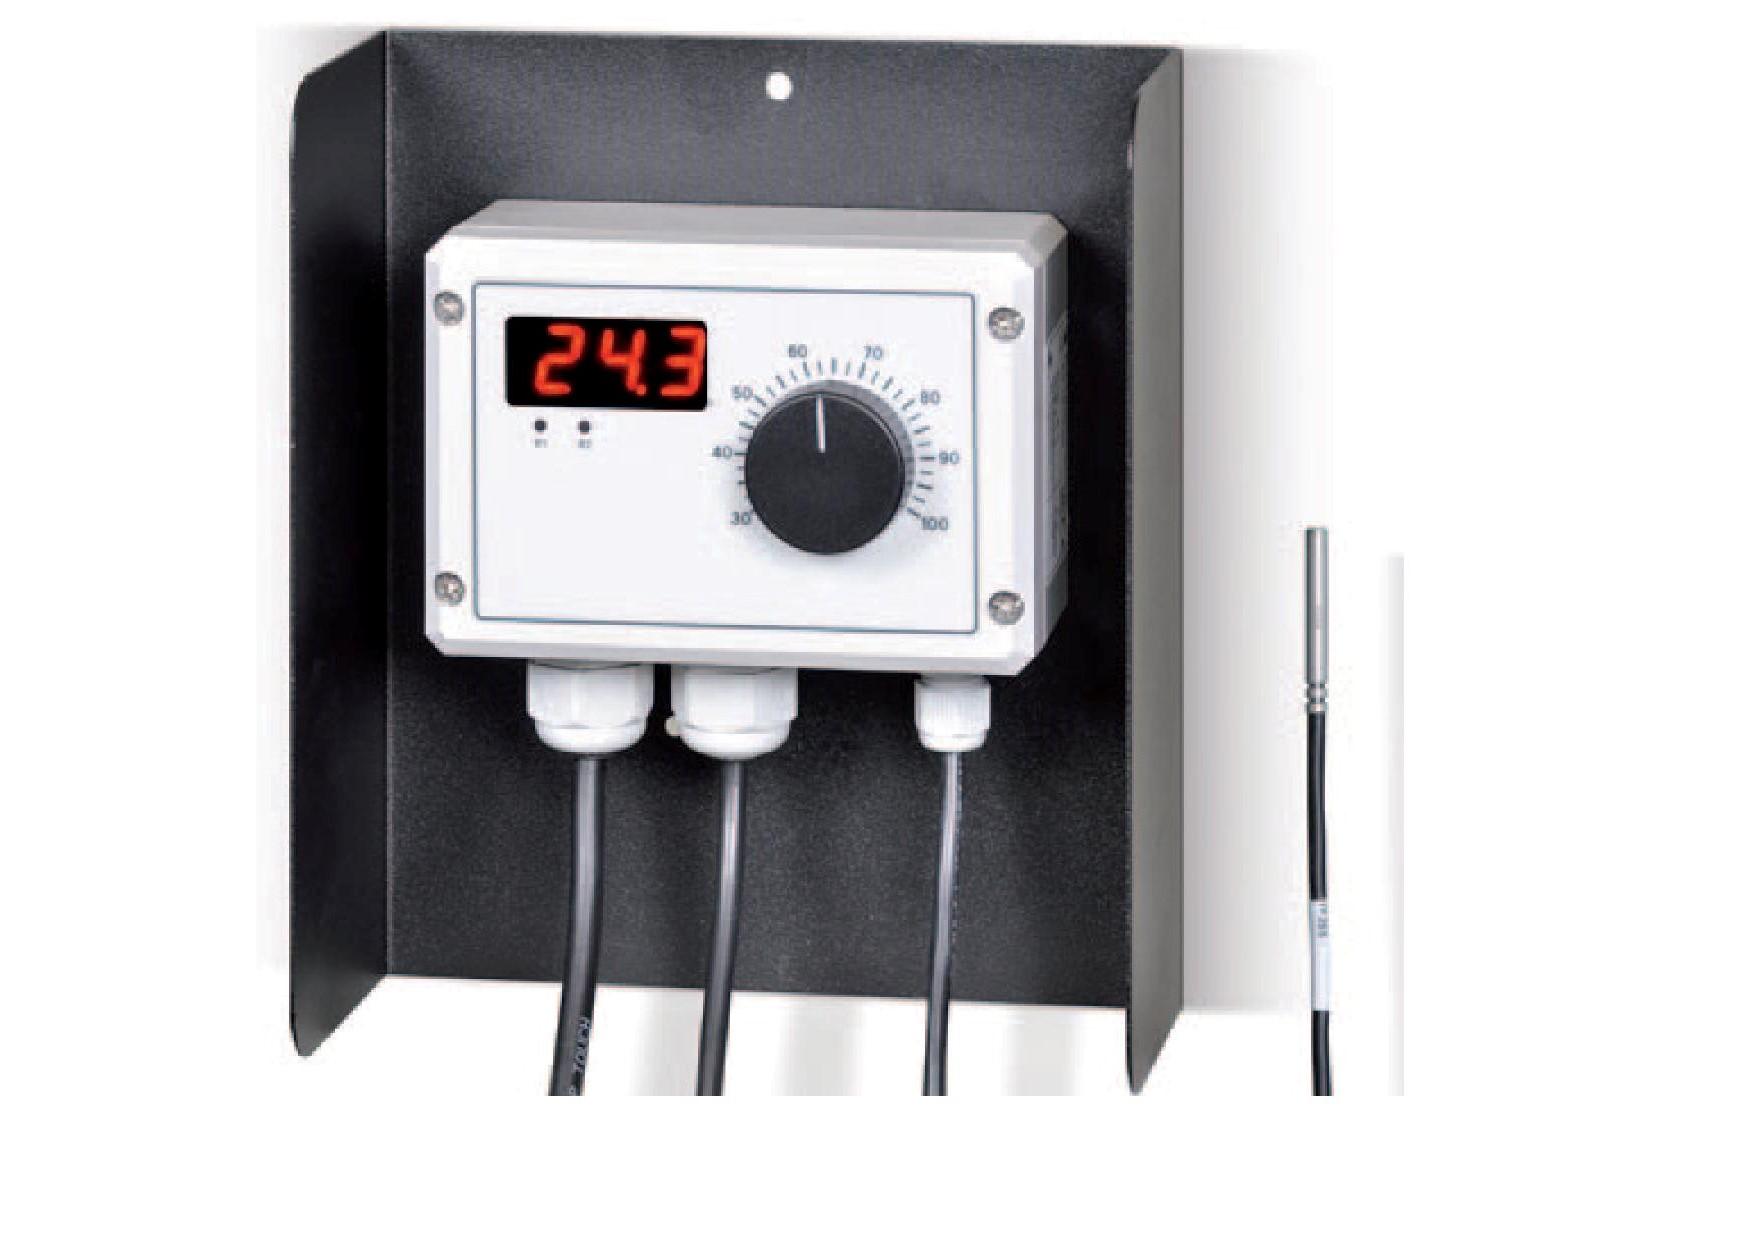 Remko Elektronischer Feuchtraumthermostat 30-100 °C Typ ETR-5 mit Display, Schutzart IP 54 und je 5m Anschlusskabel, inkl. 5m losem Hochtemperaturfühler